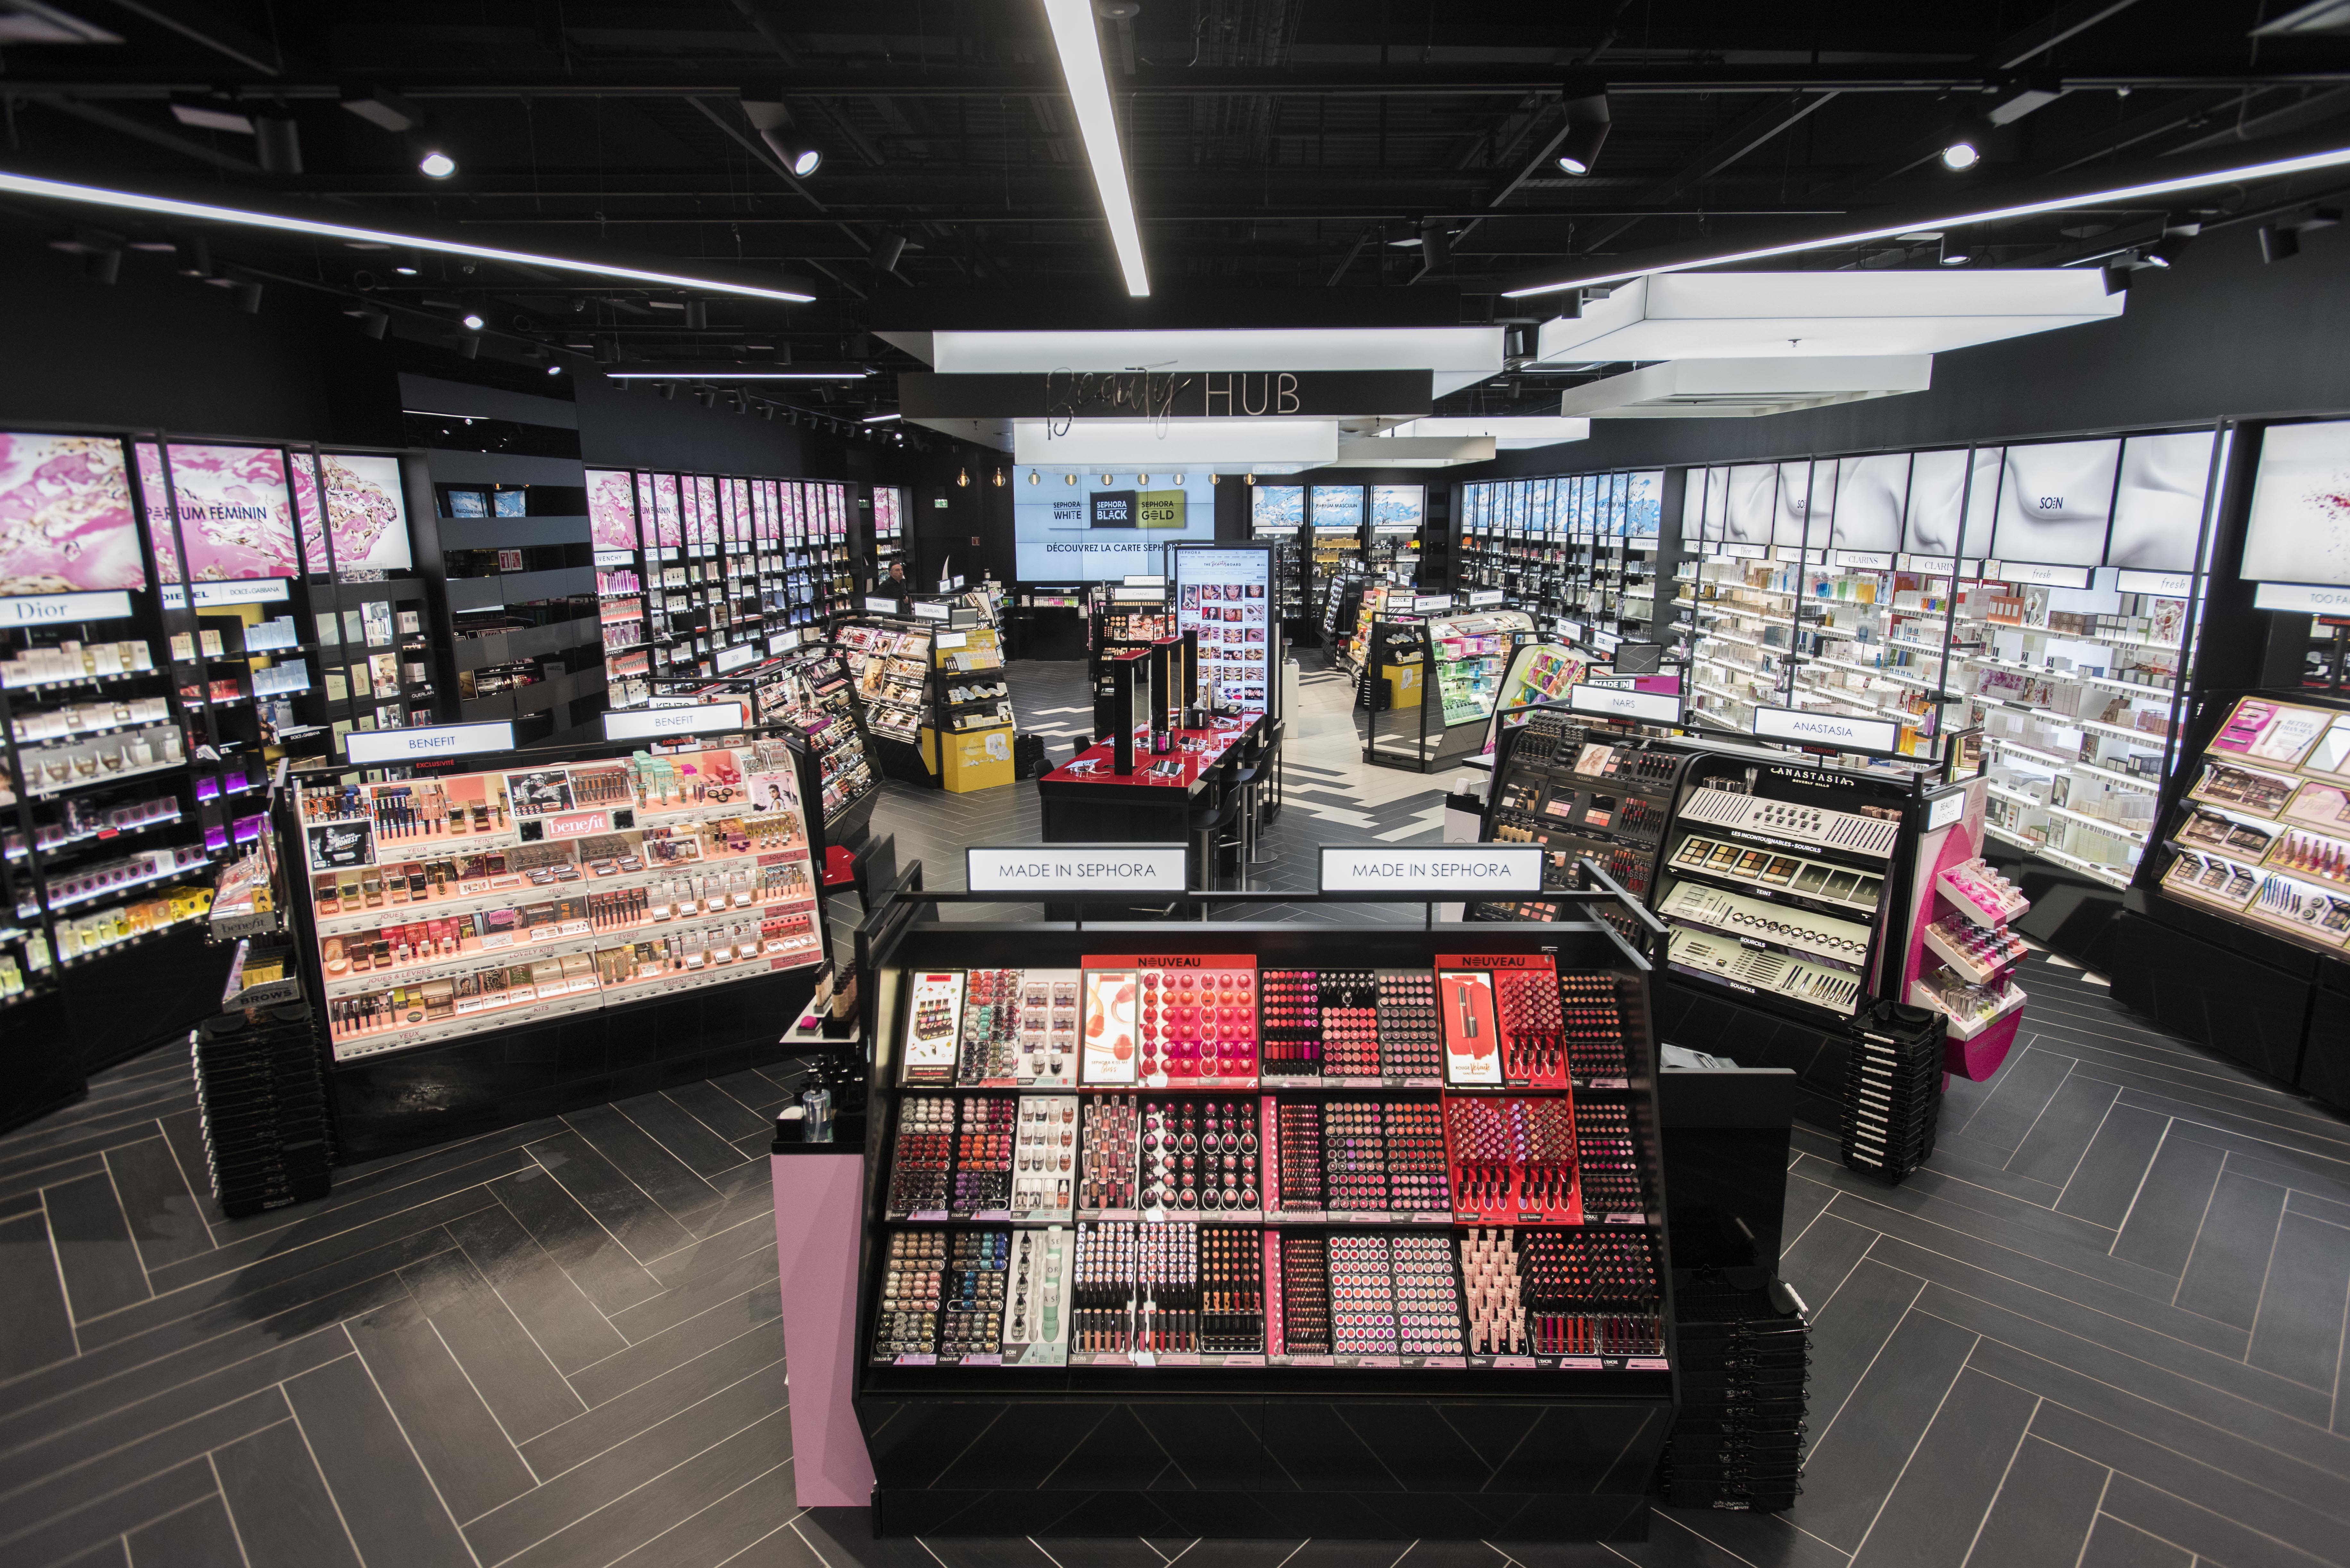 b7ae3c8e047 Sephora sætter fokus på samspillet mellem butik og online - RetailNews